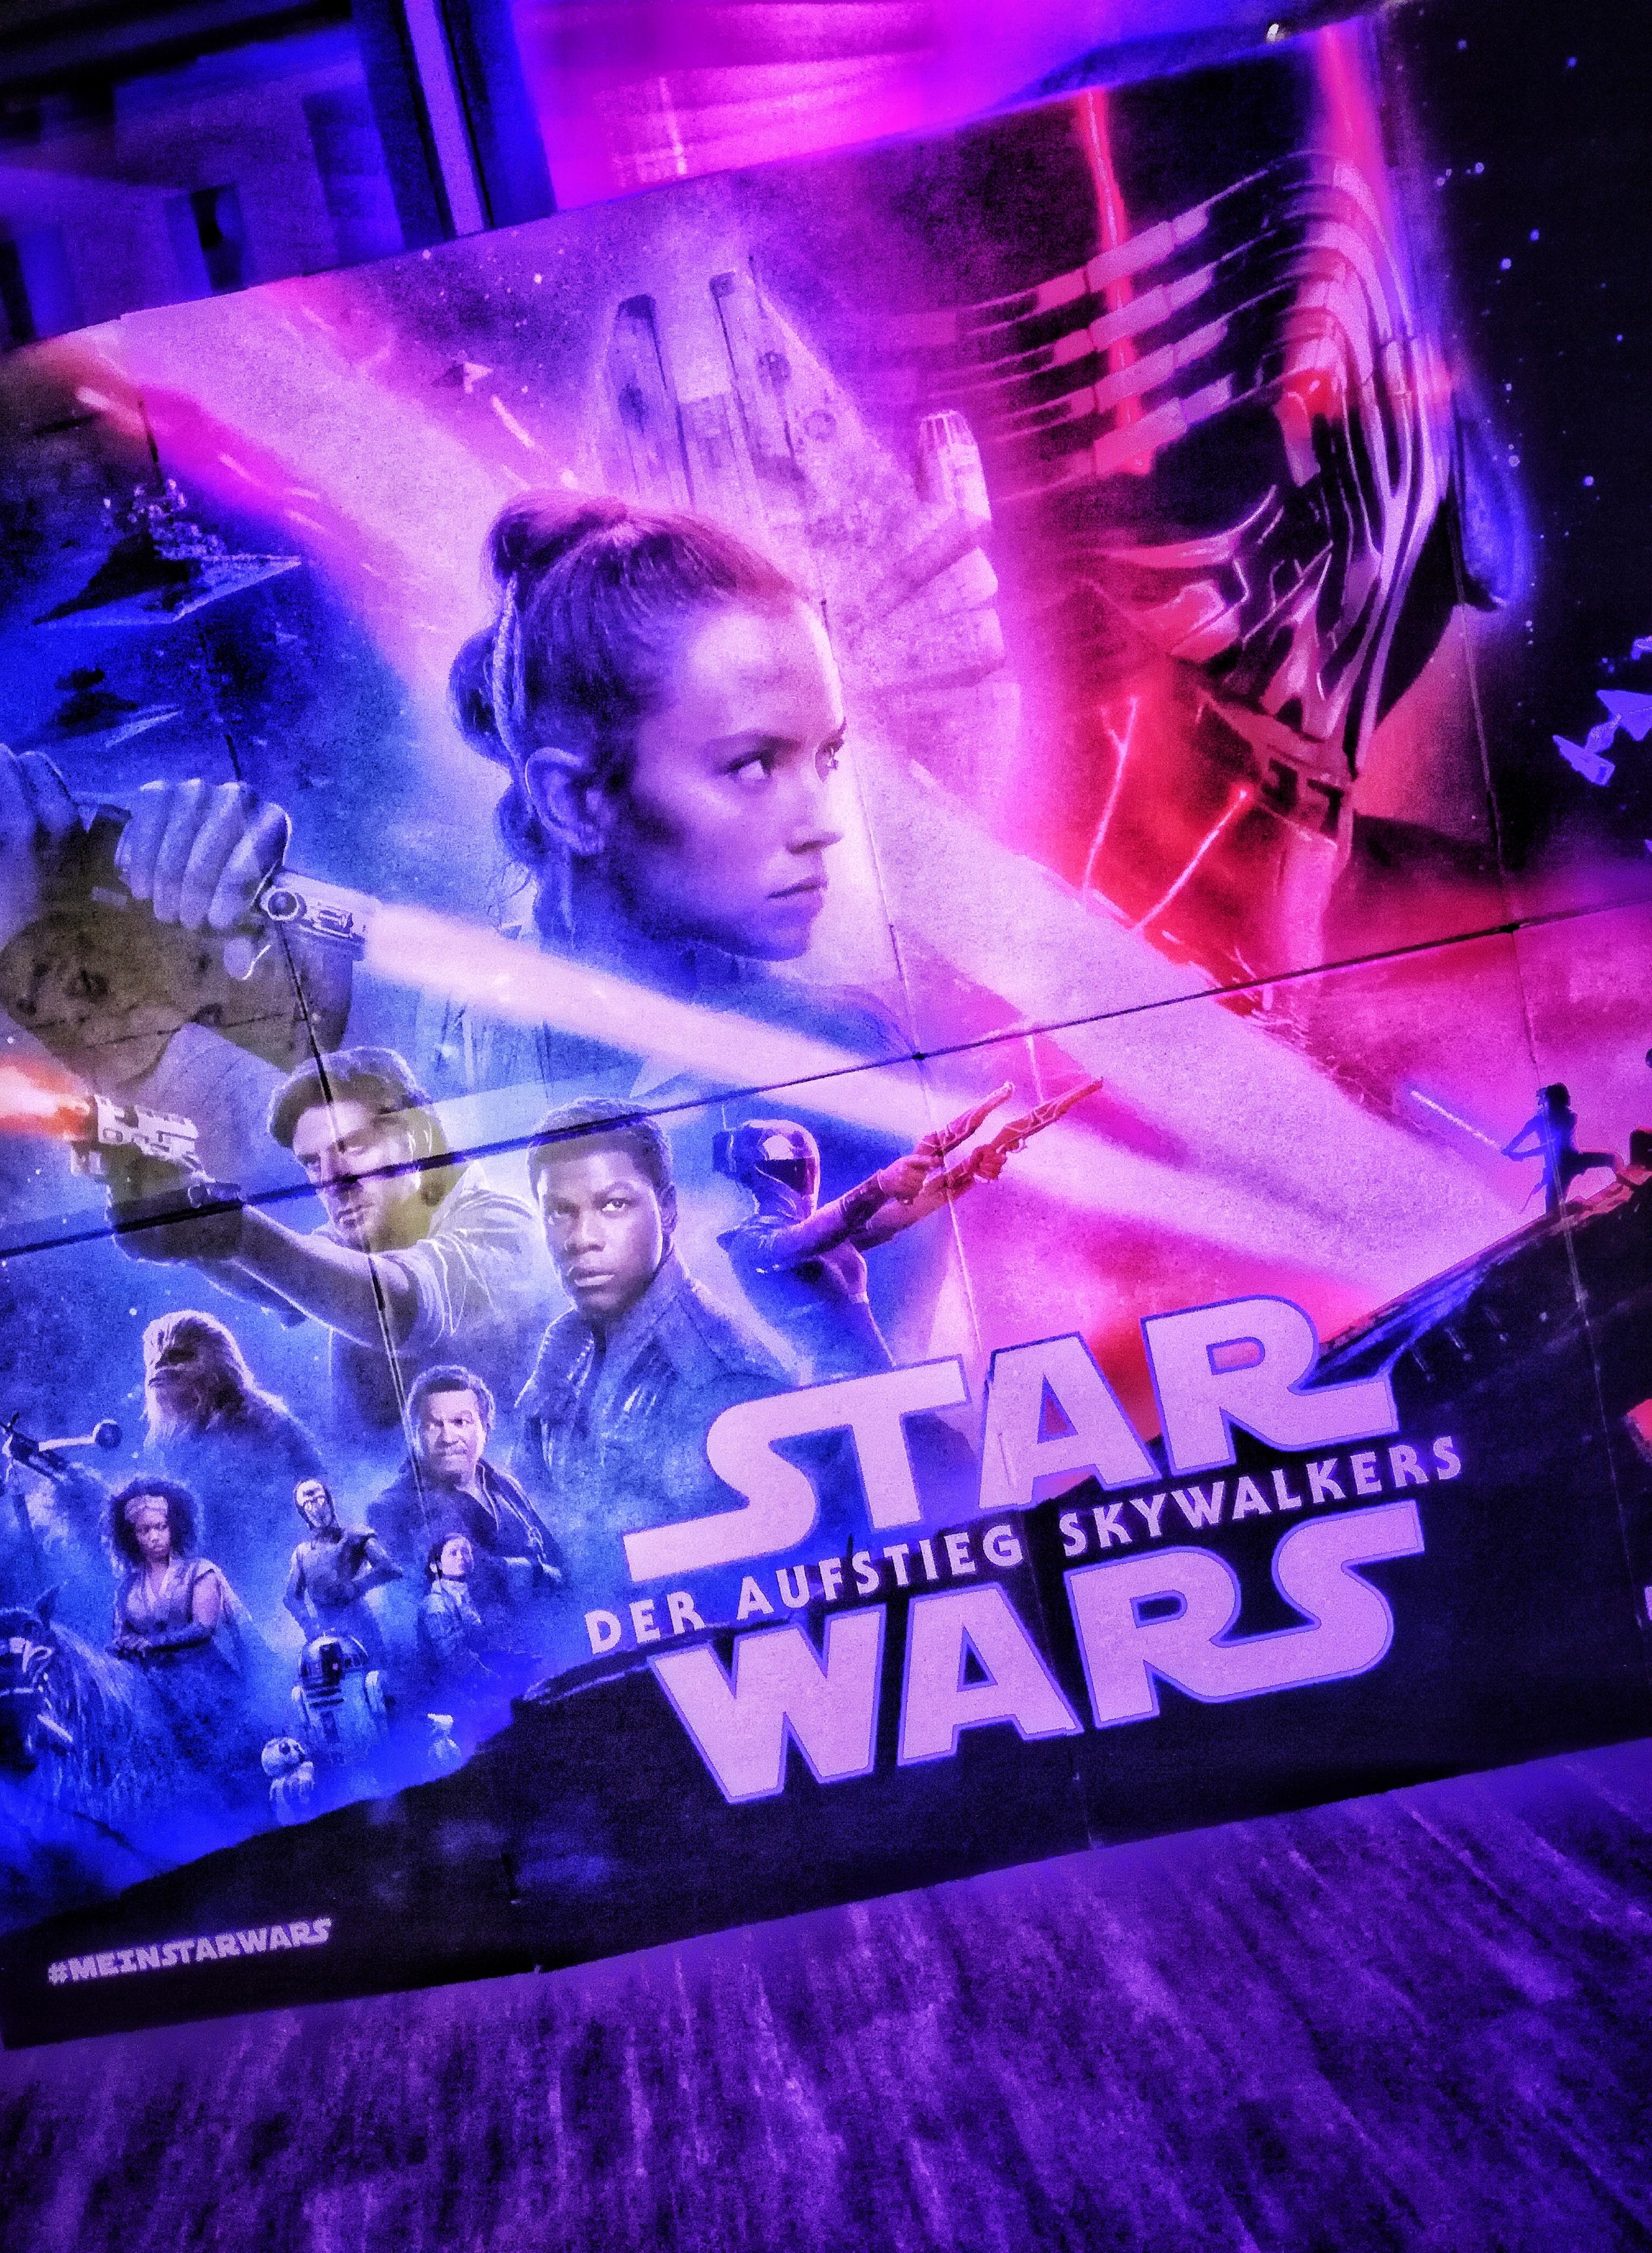 Der Aufstieg Skywalkers Poster